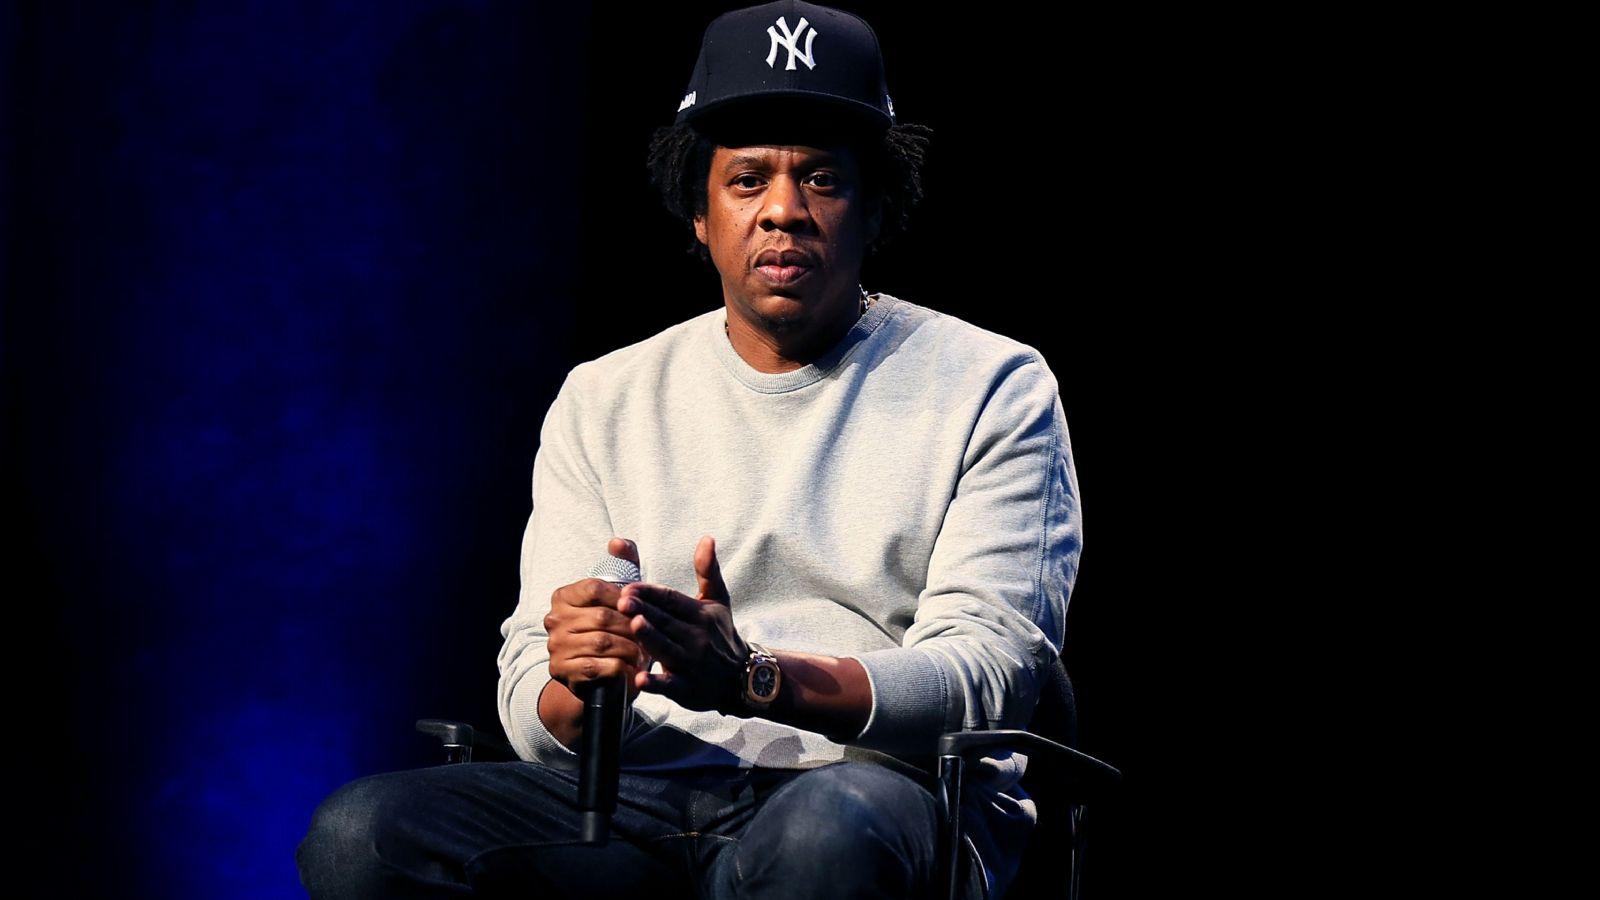 Die beliebtesten Uhrenmarken der Stars: Über diese Uhren rappen Kanye West, Frank Ocean, Jay-Z und Co. in ihren Songs